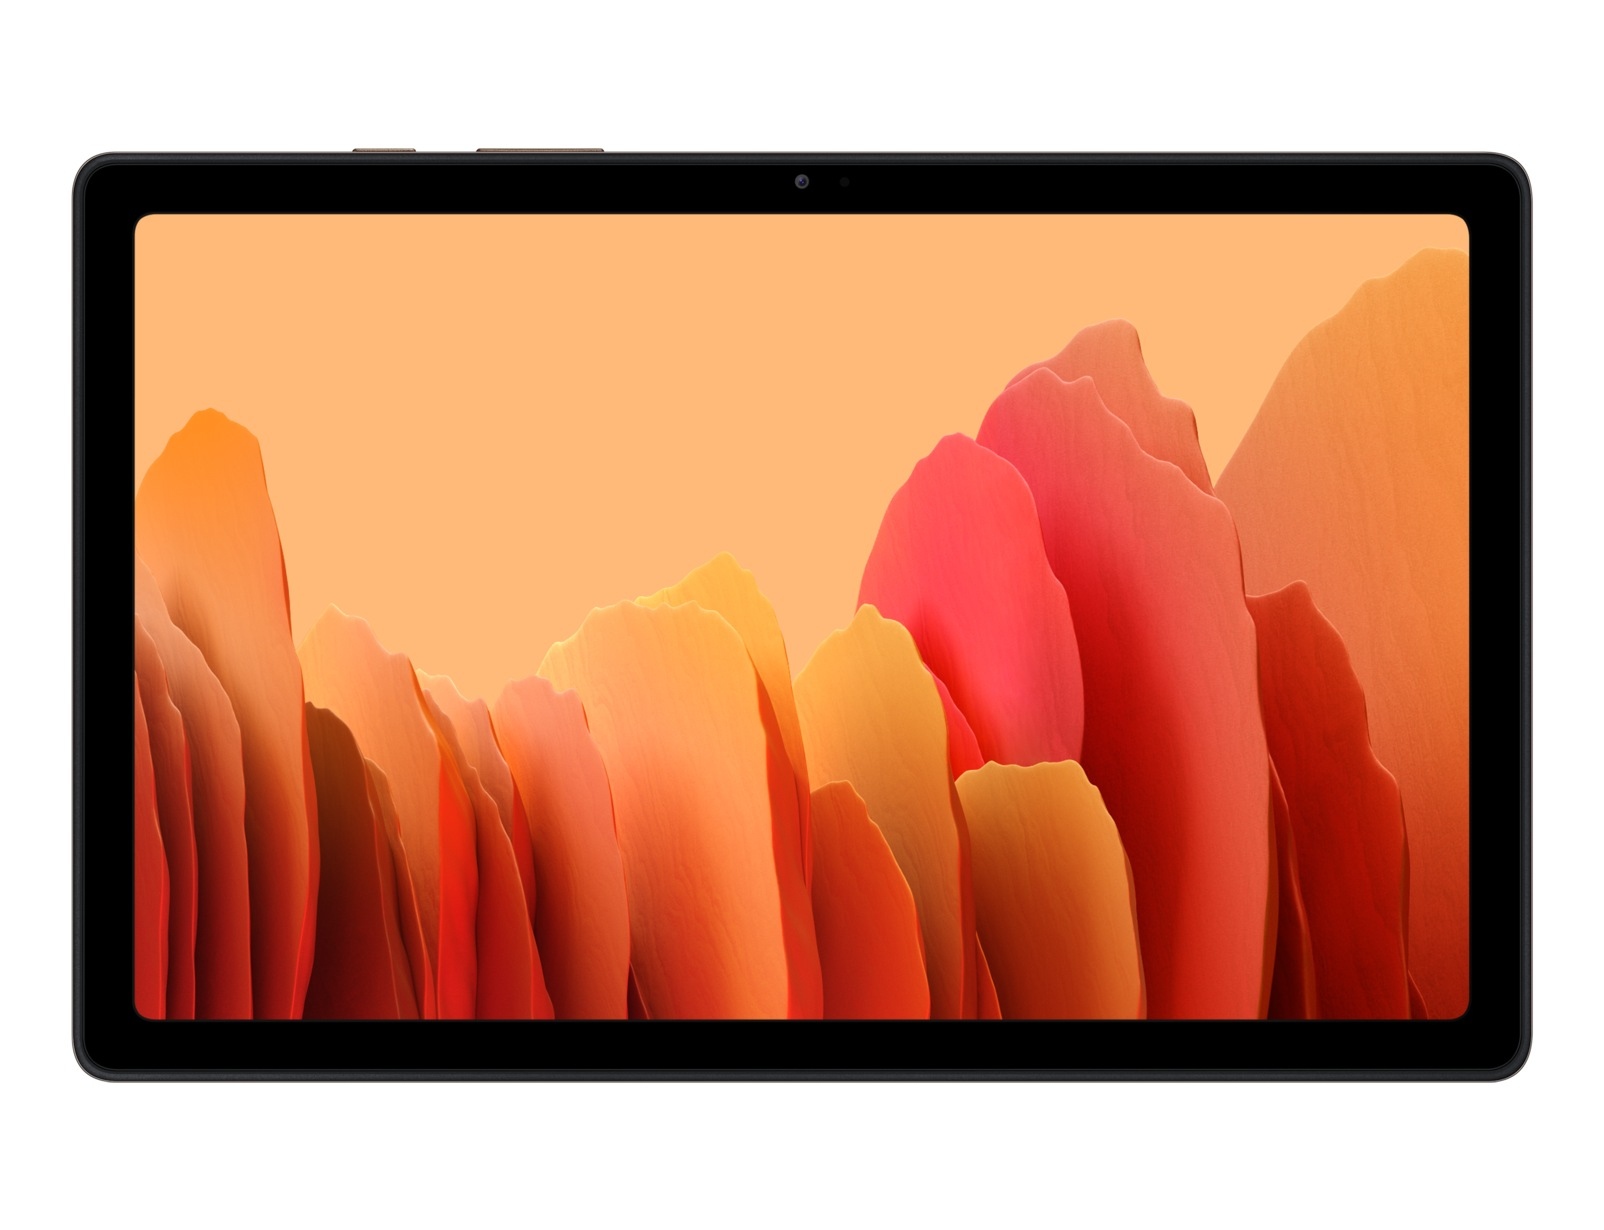 Samsung Galaxy Tab SM-T505N 4G LTE 32 GB 26.4 cm (10.4